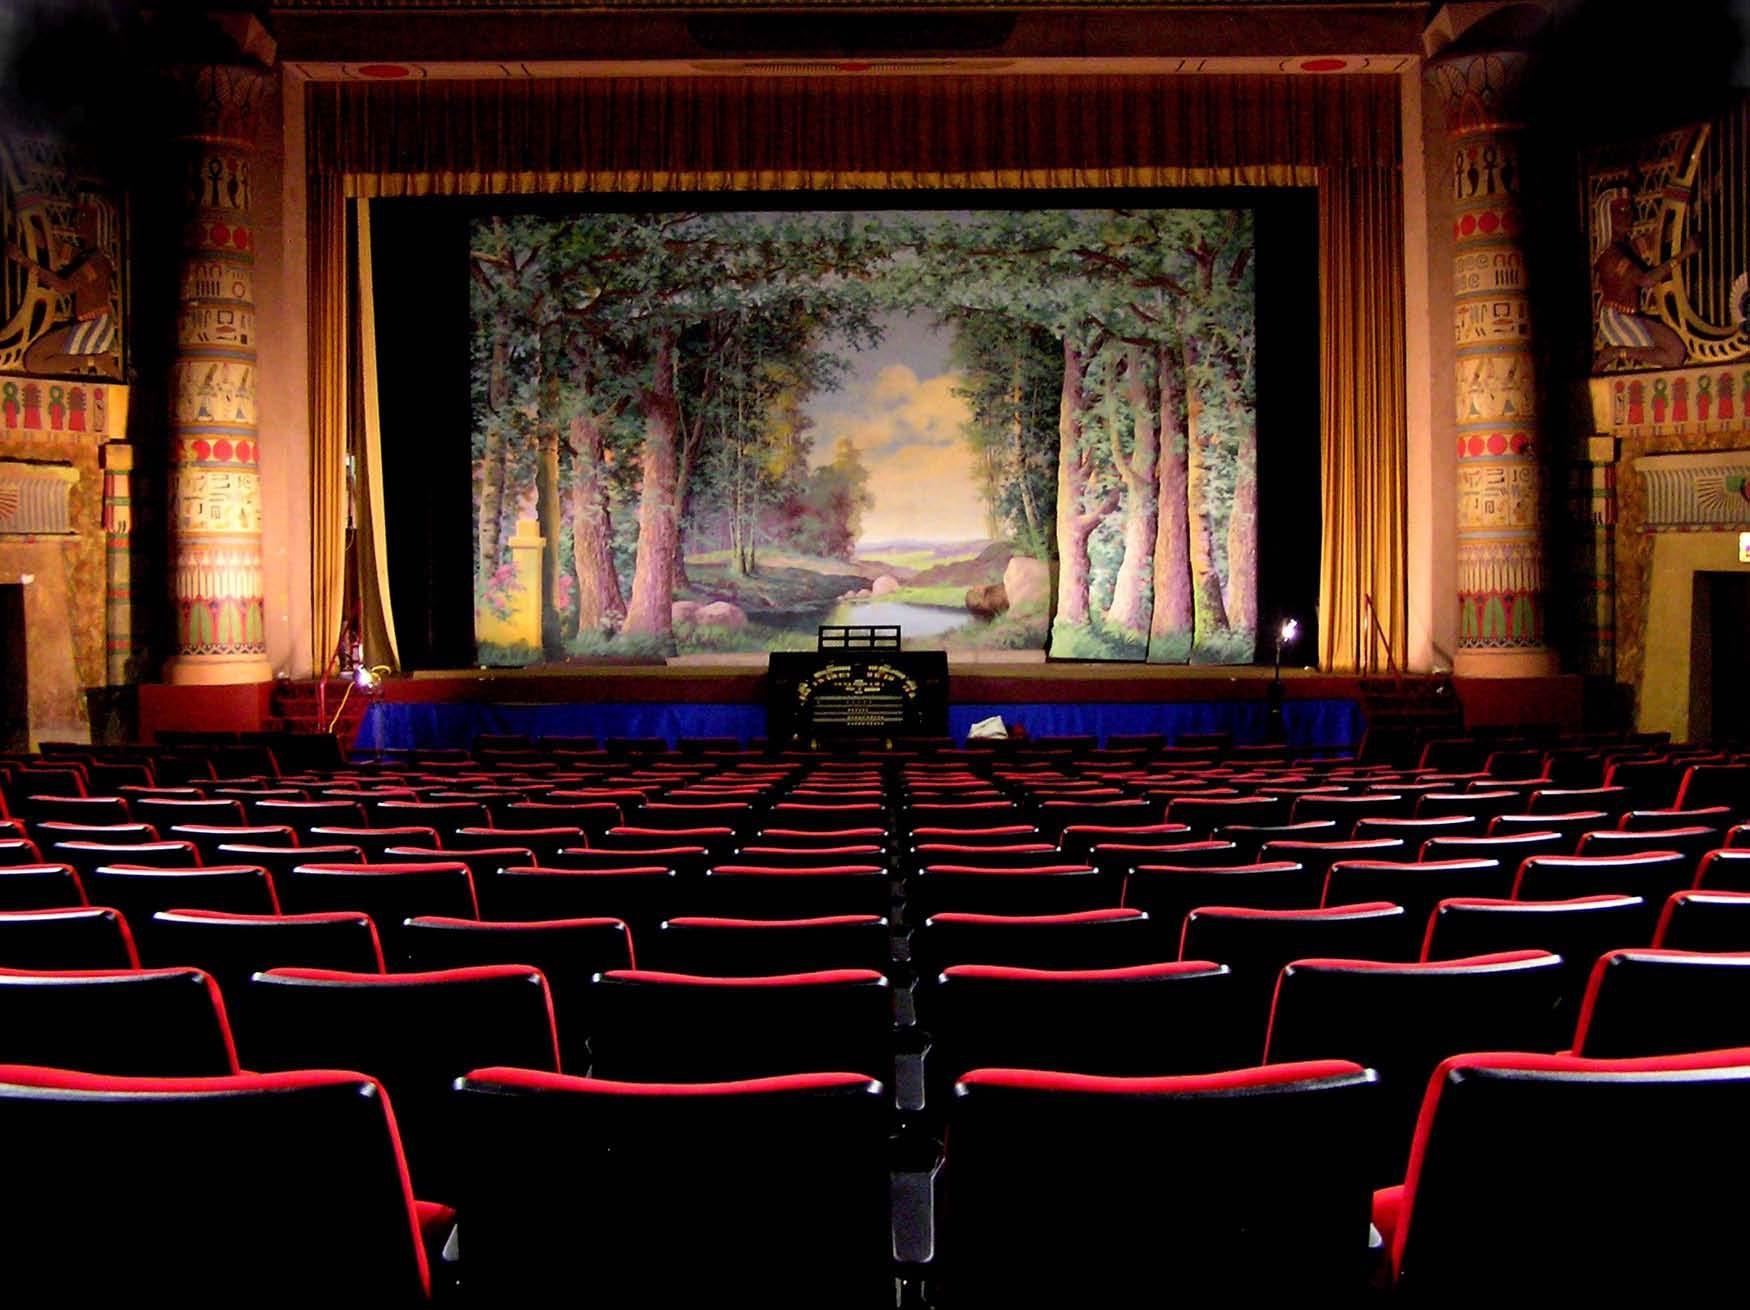 Netflix negocia aquisição do Teatro Egípcio em Hollywood